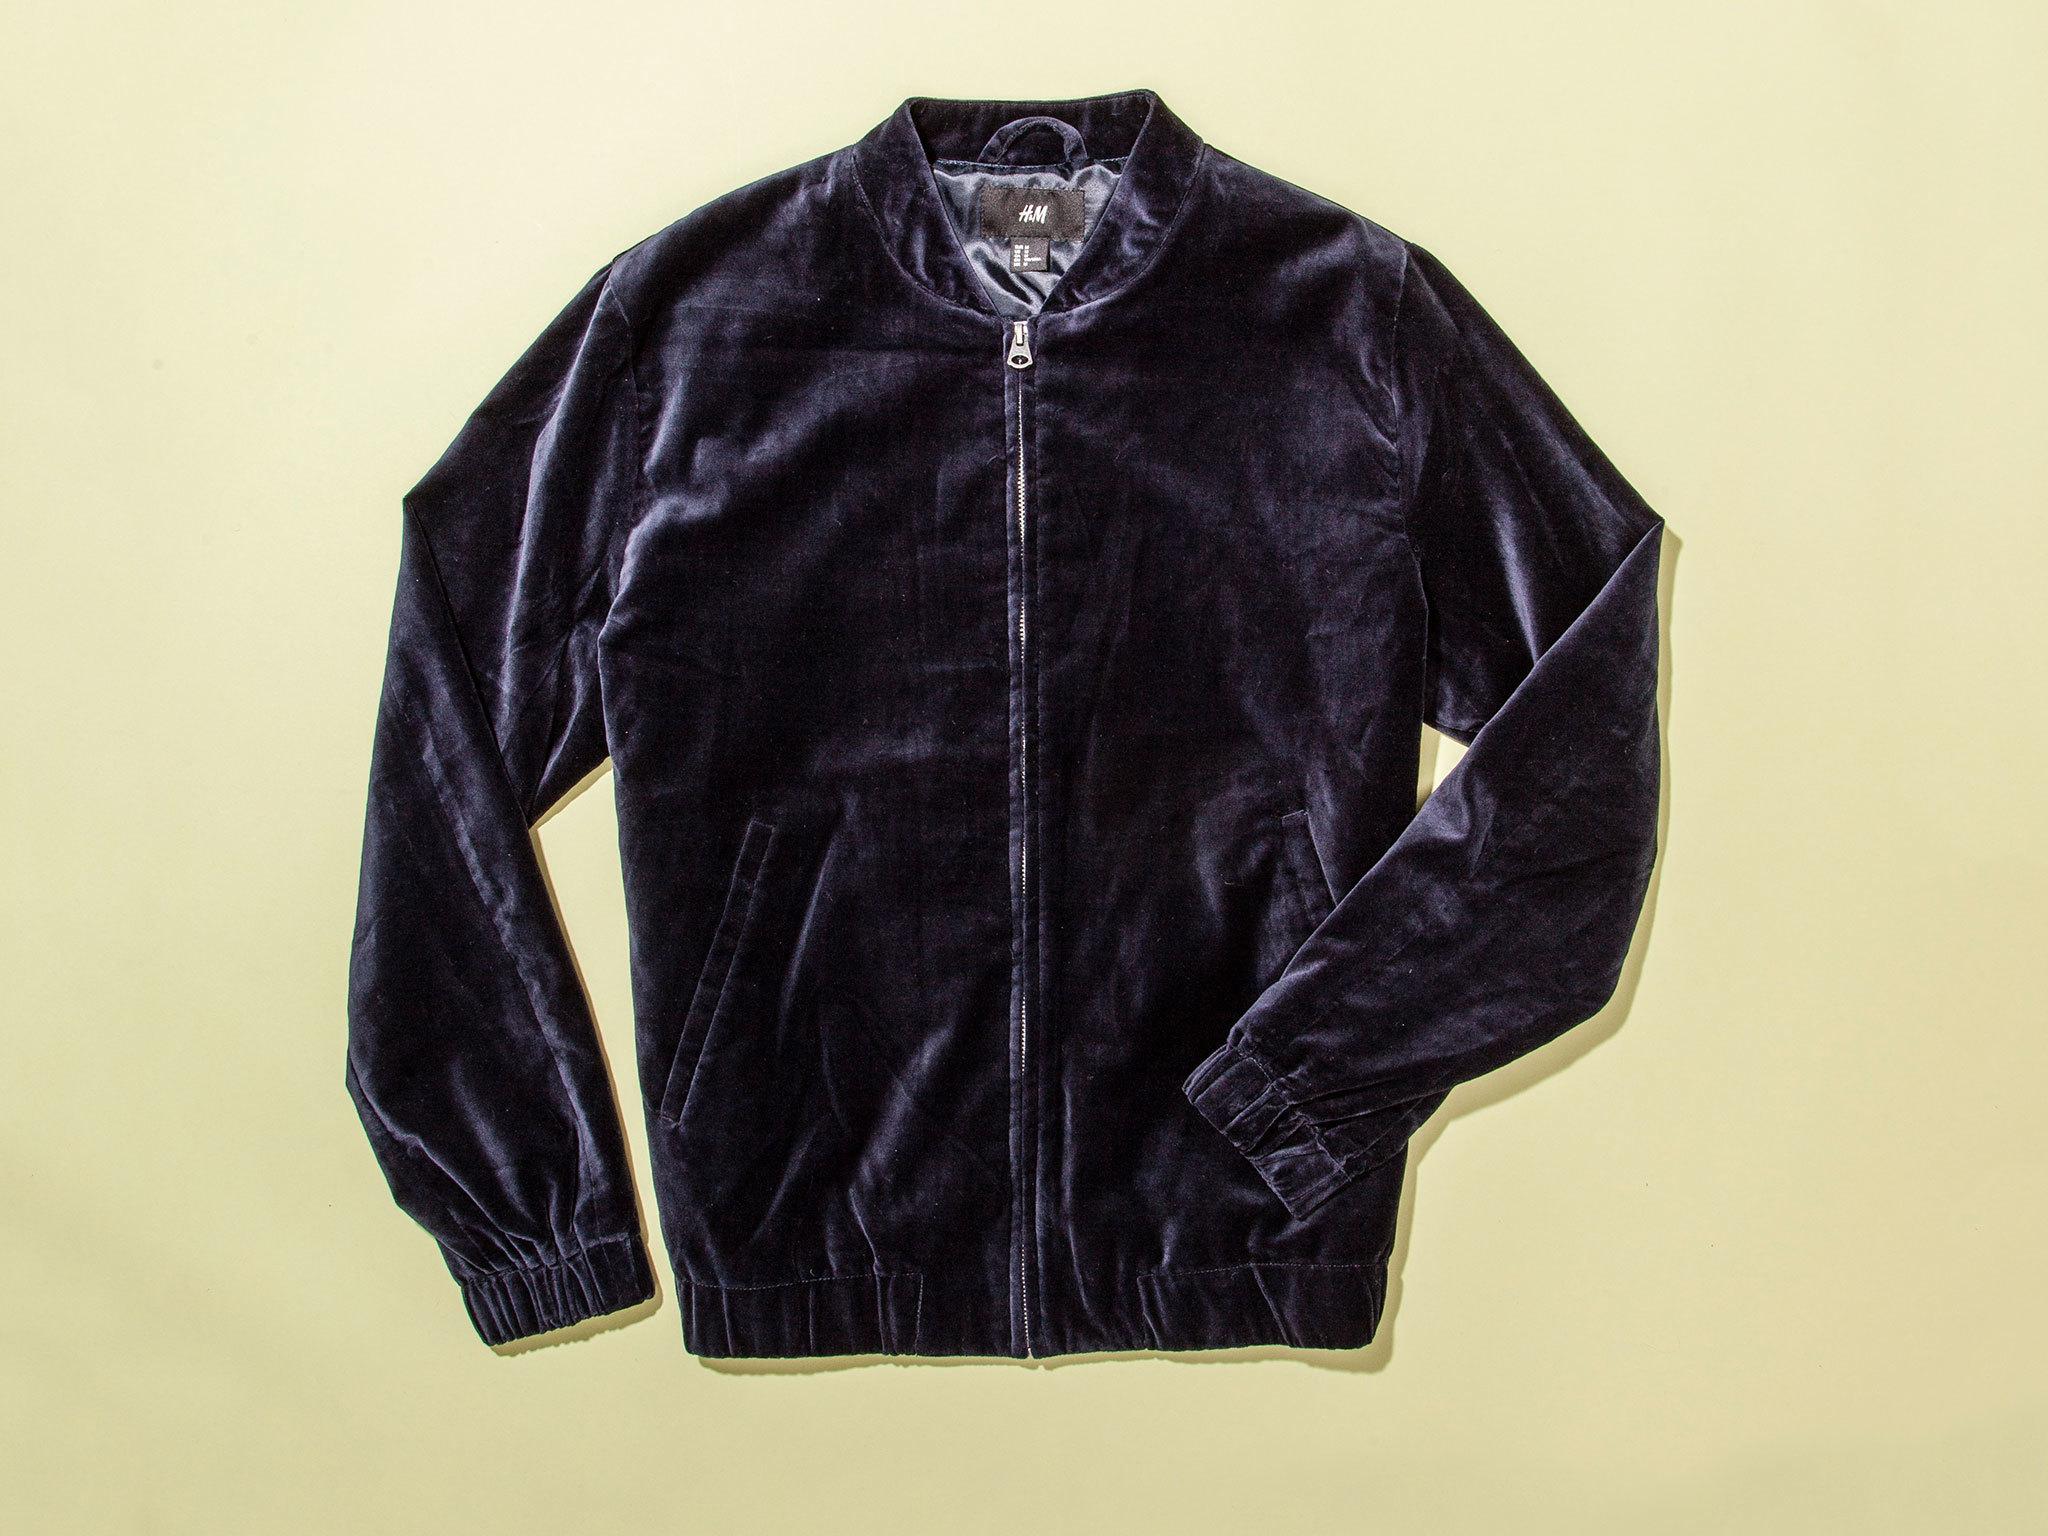 Christmas gift guide: for him - Velvet bomber jacket by H&M